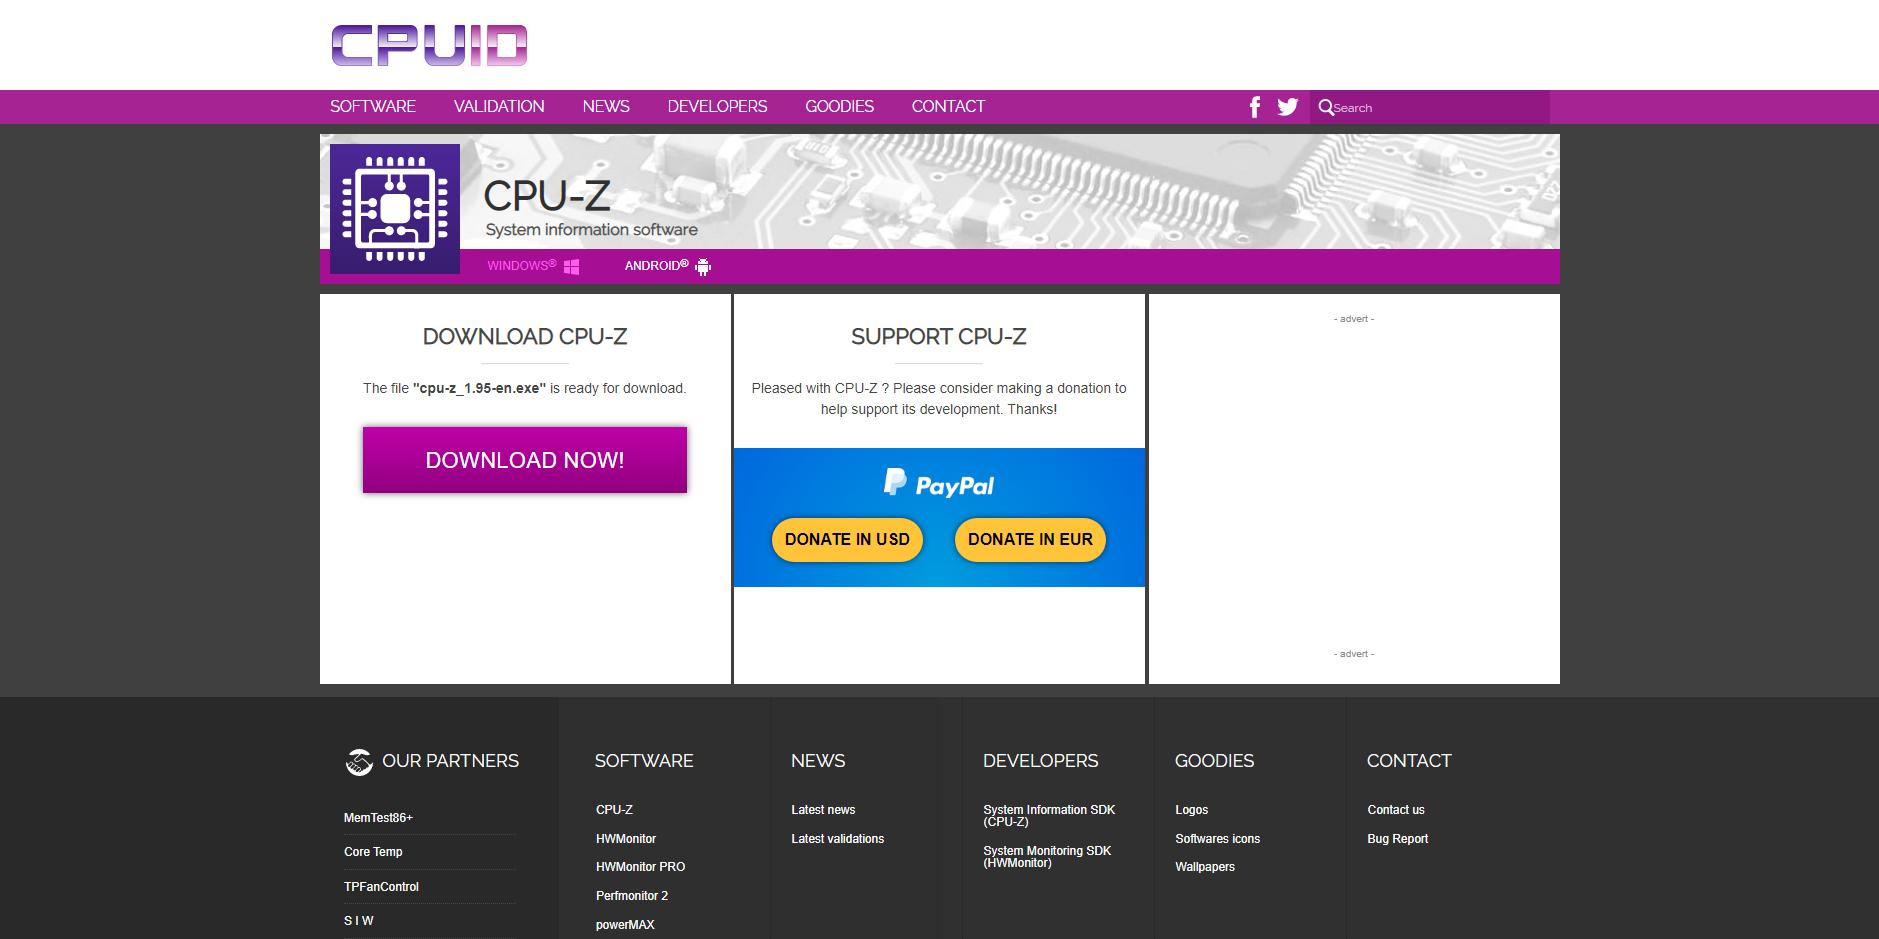 GEARVN.COM - Trang chủ tải CPU-Z, phần mềm kiểm tra cấu hình máy tính, laptop